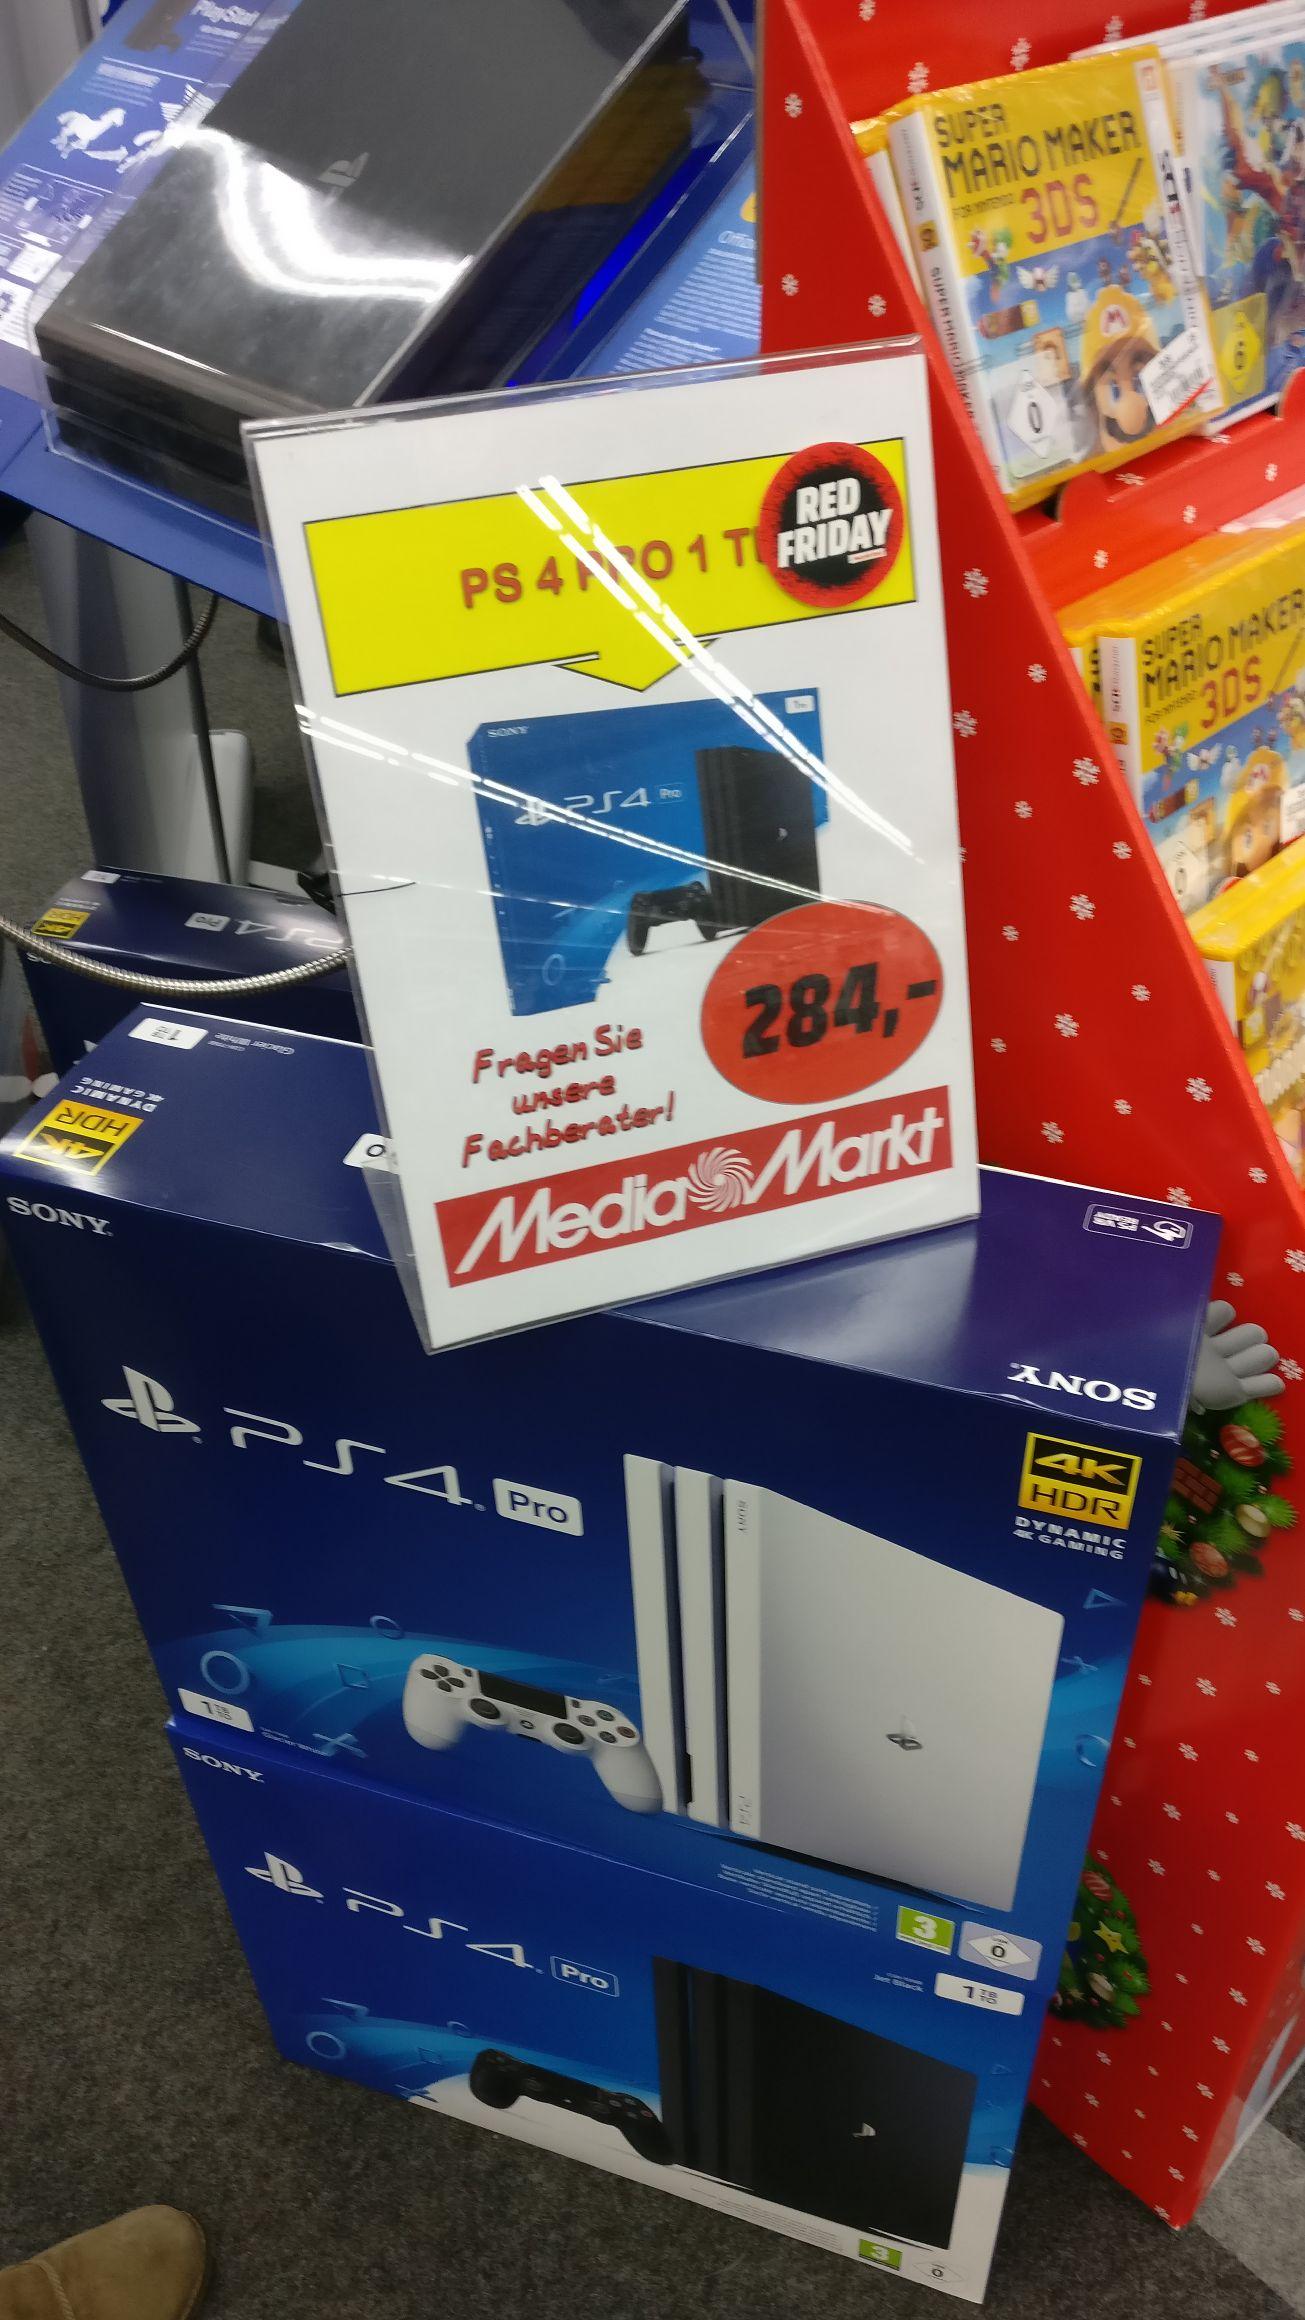 [Mediamarkt Dortmund] PS4 Pro weiß und schwarz für 284€ [RED FRIDAY]